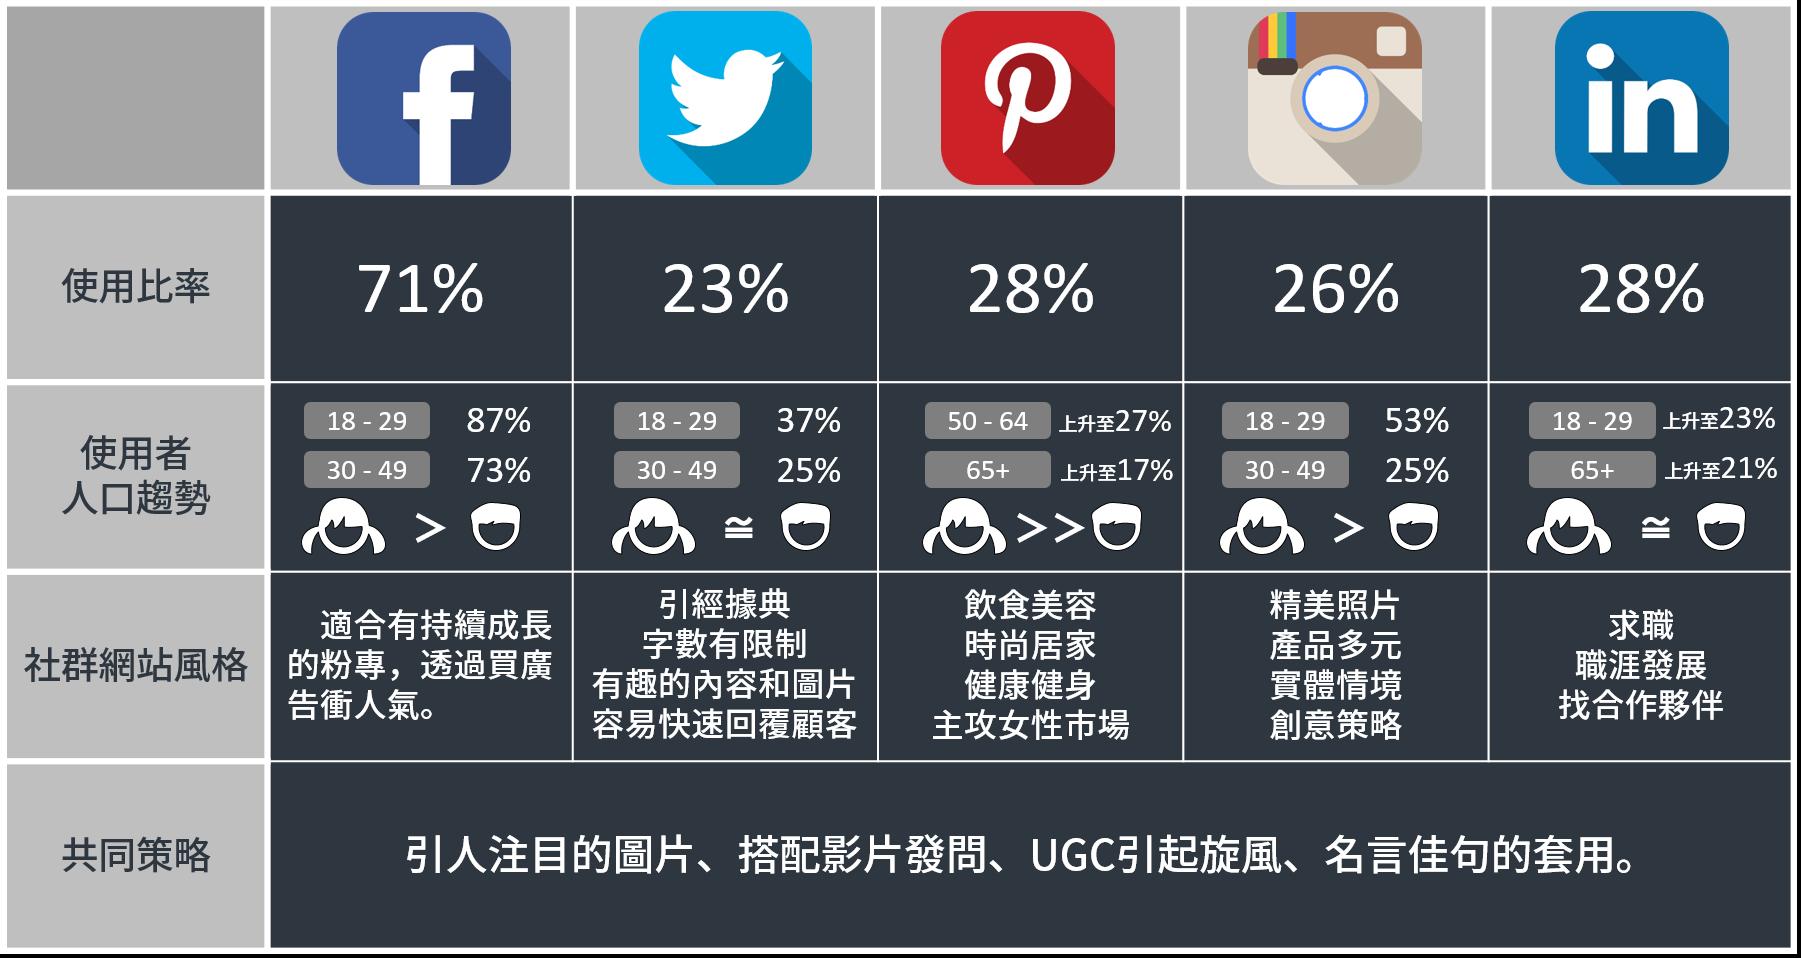 社群平台比較資訊圖表